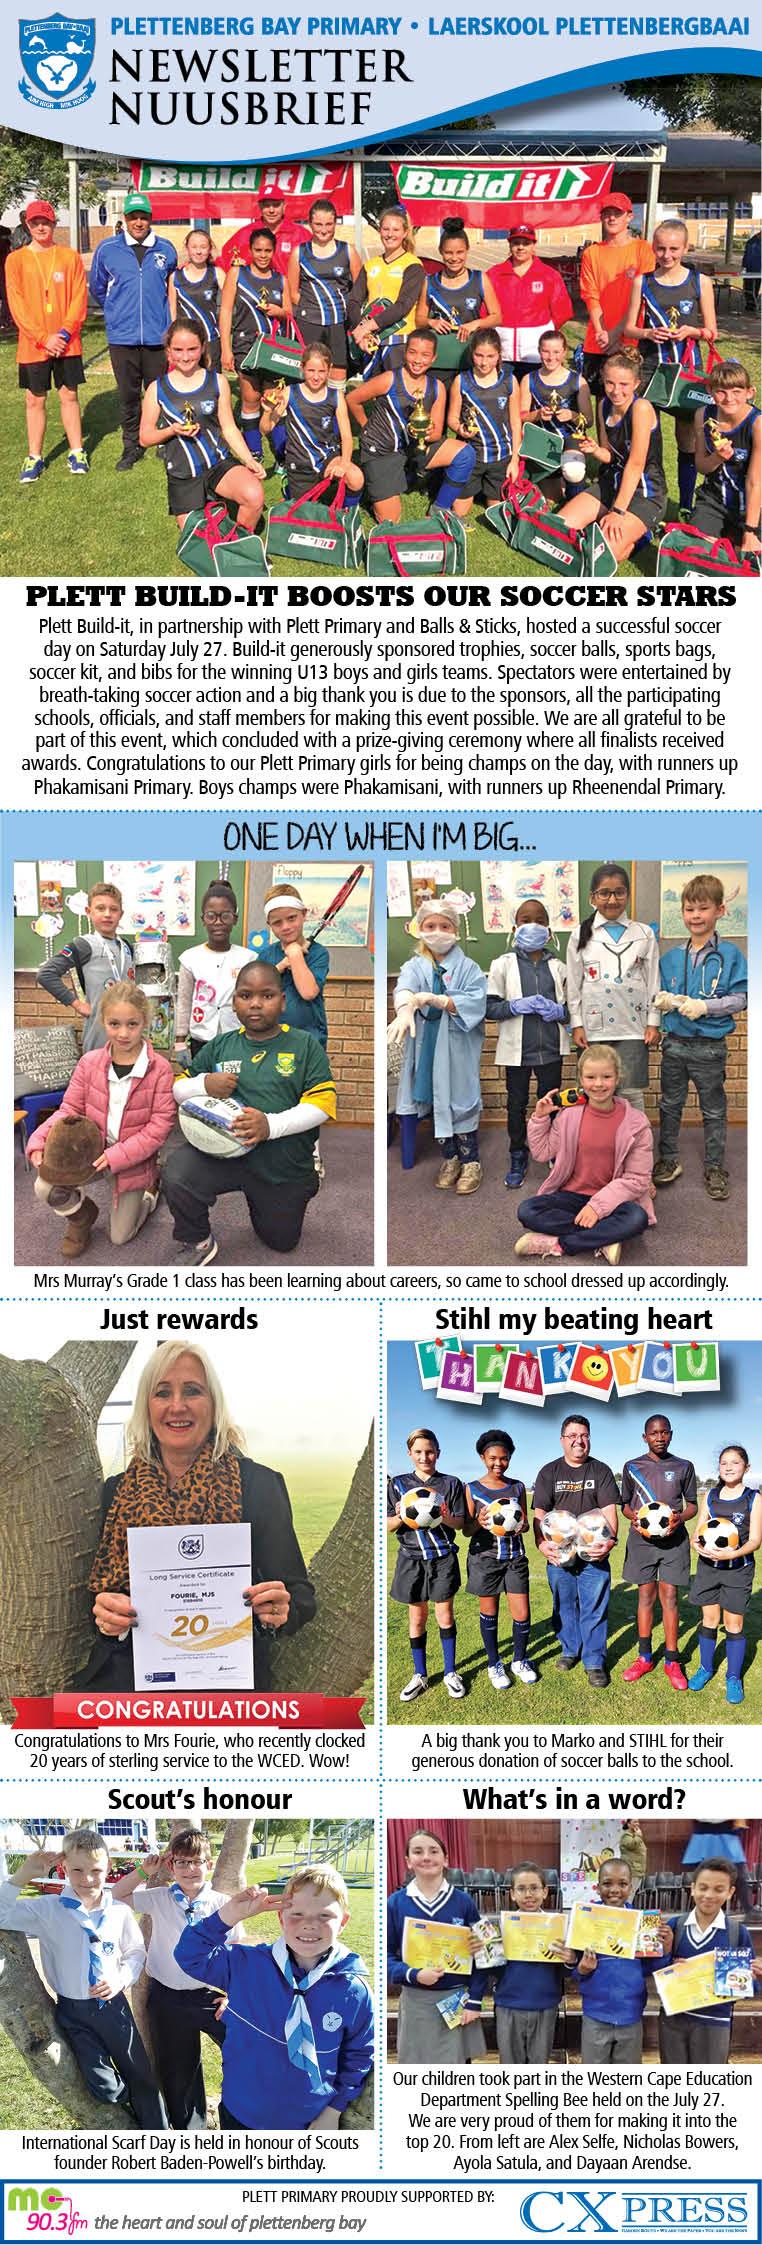 Plett Primary Newsletter 7.8.2019